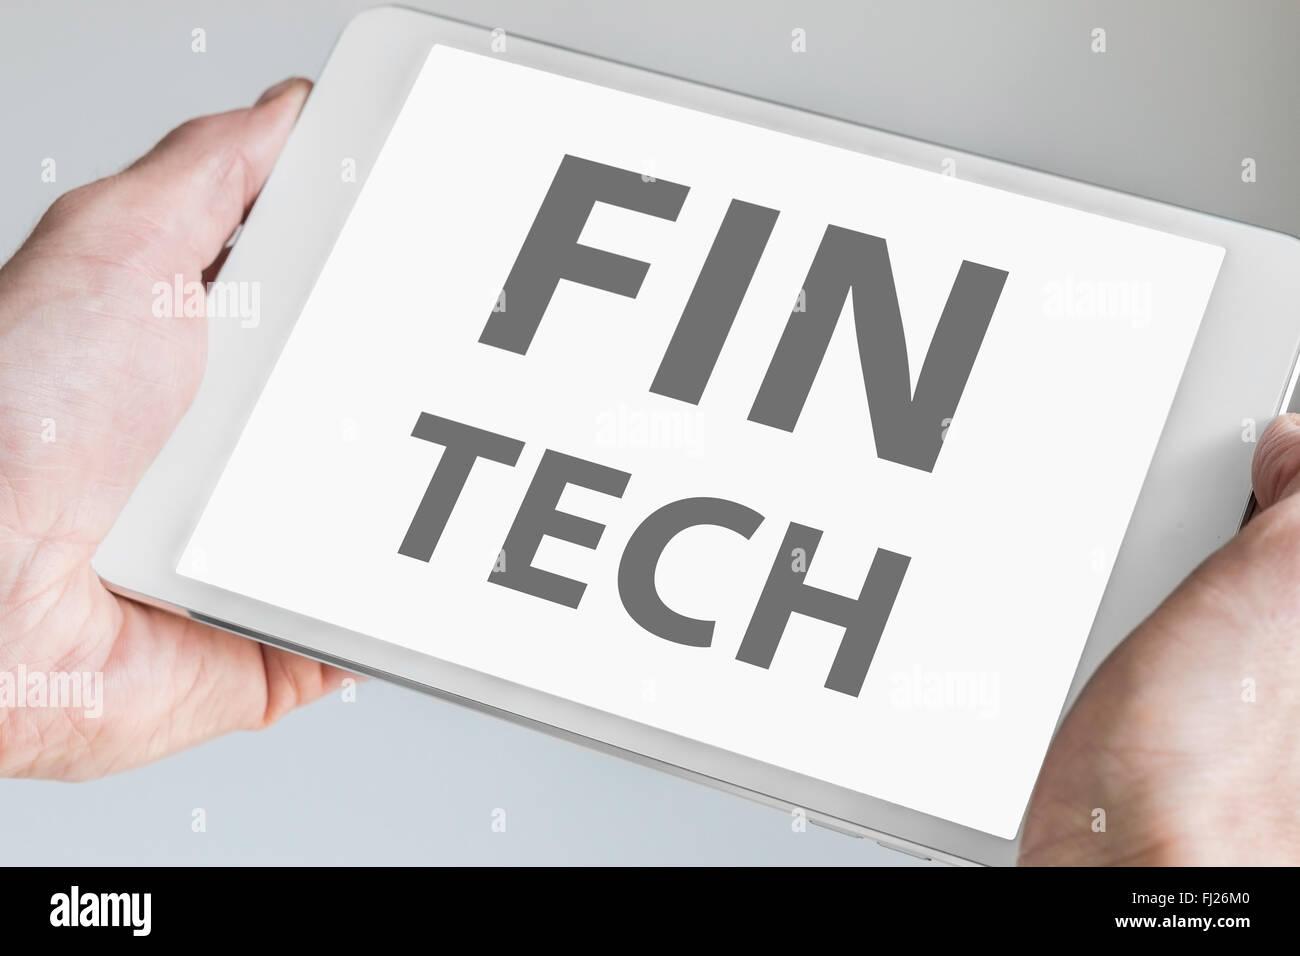 FIN Tech auf der modernen Tablet oder Smartphone Touchscreen angezeigte Text. Konzept der Finanztechnologie Startup Stockbild